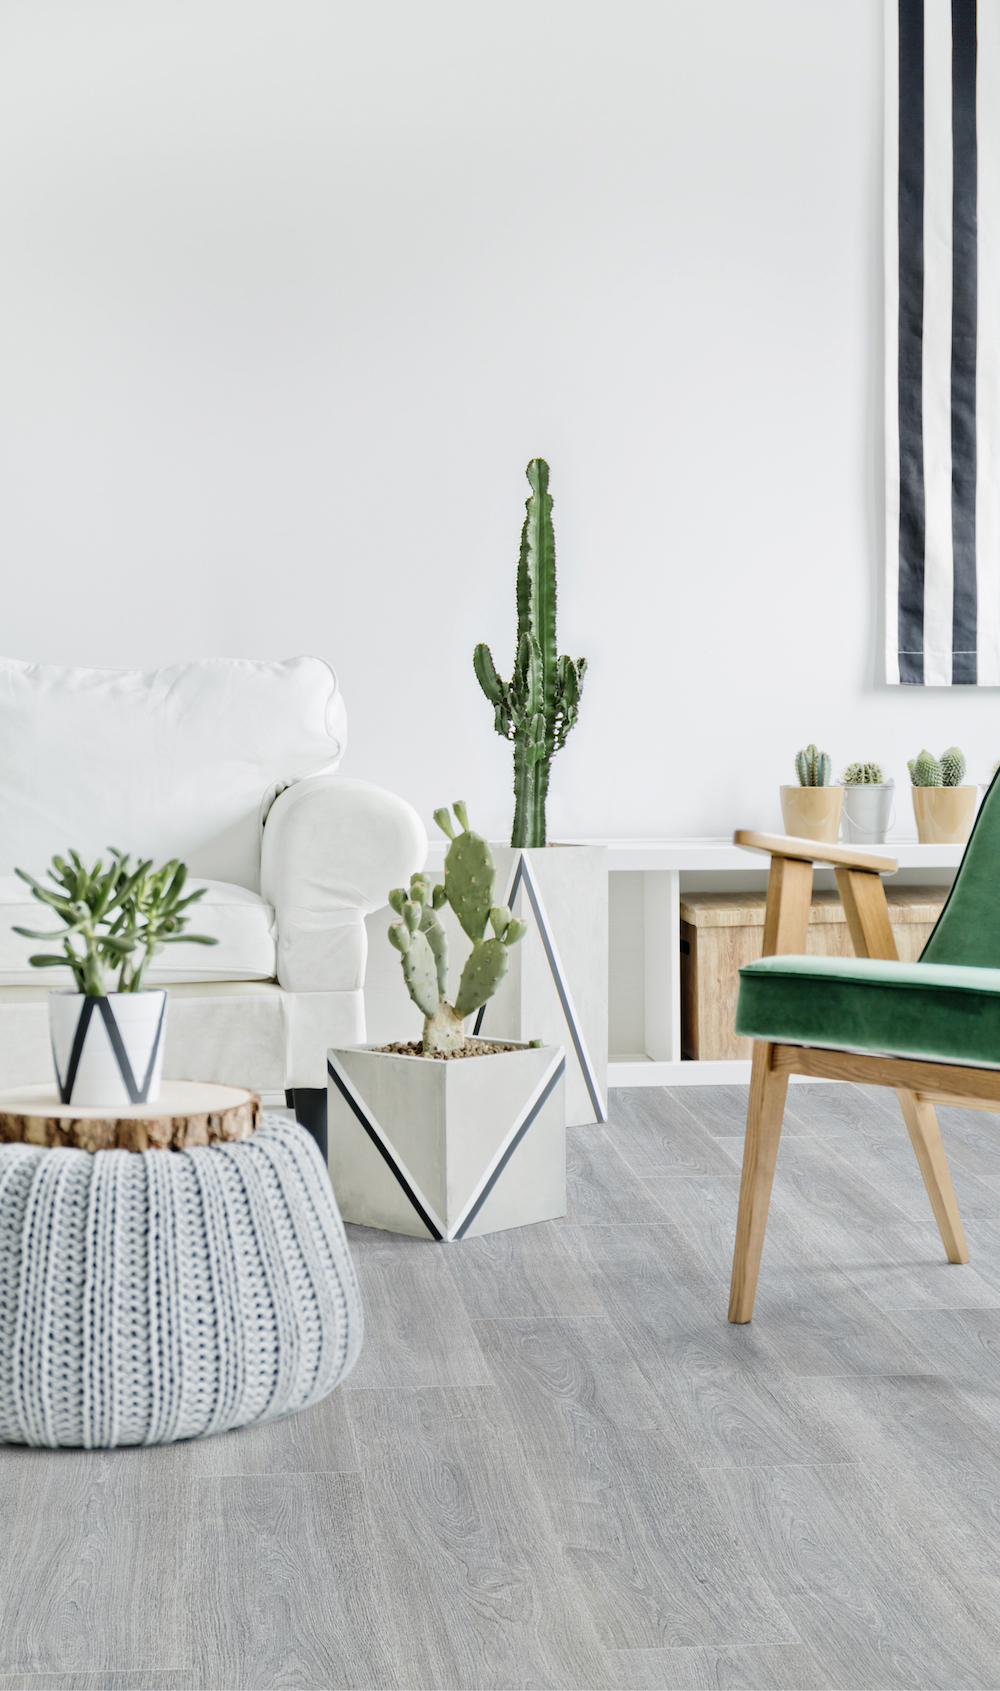 https://www.uw-woonmagazine.nl/uploads/website/UW_vloer_nieuws/moduleo/pvc/Moduleo_PVC_vloer_houtlook_interieur.jpg